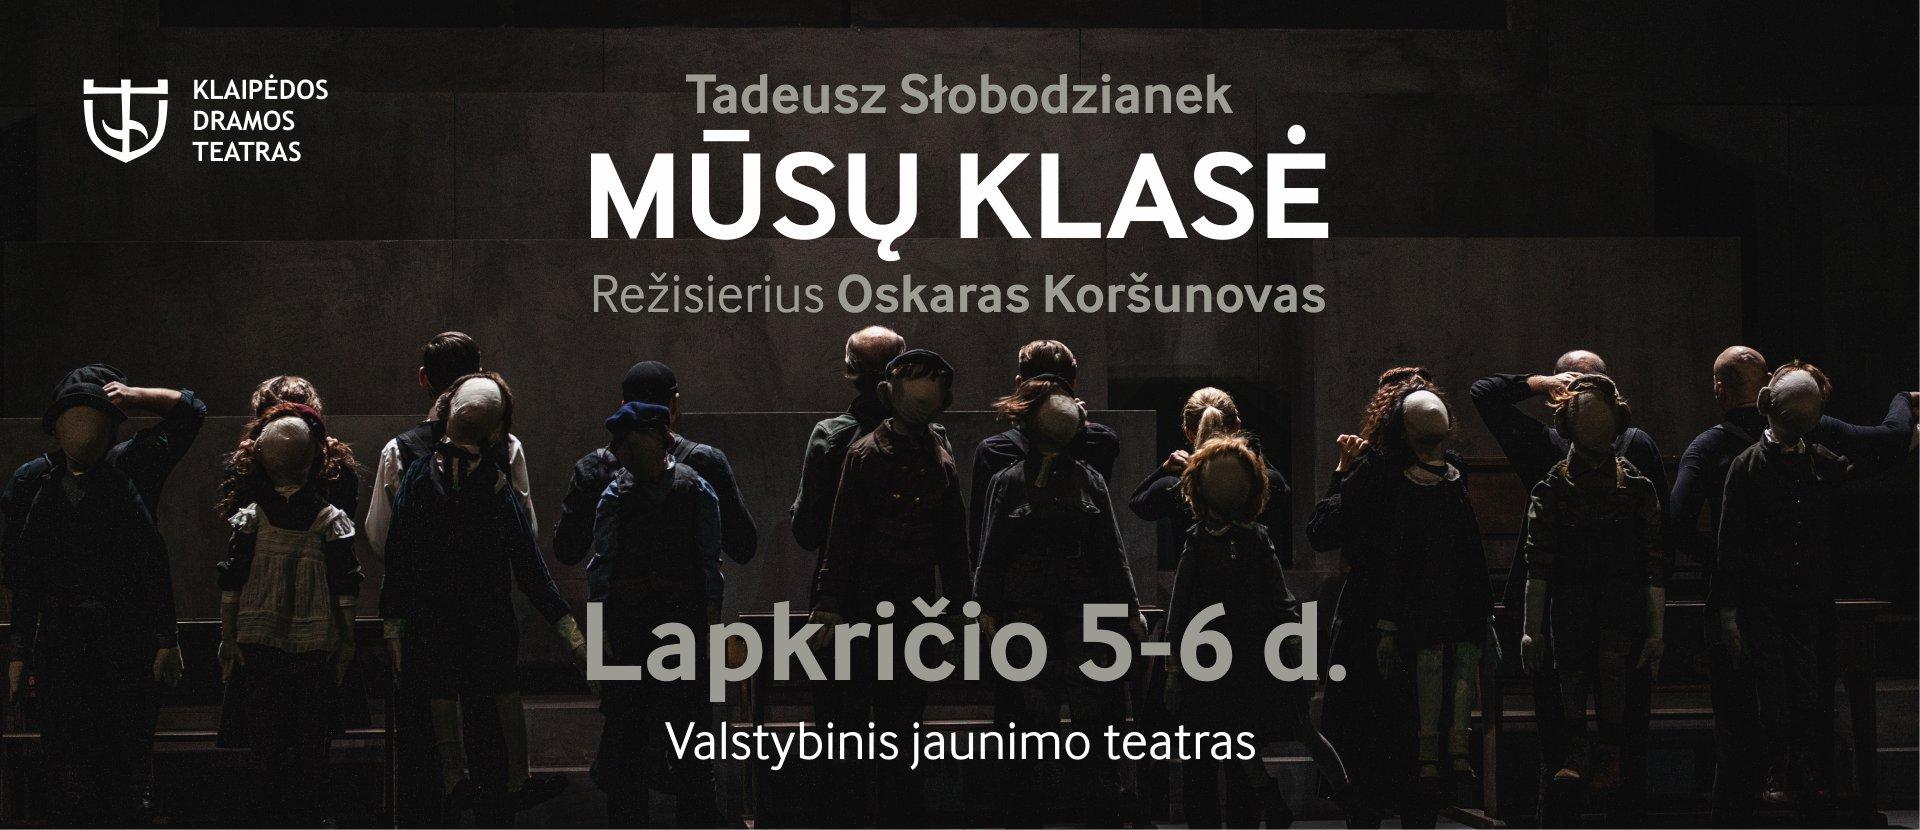 Tadeusz Słobodzianek MŪSŲ KLASĖ